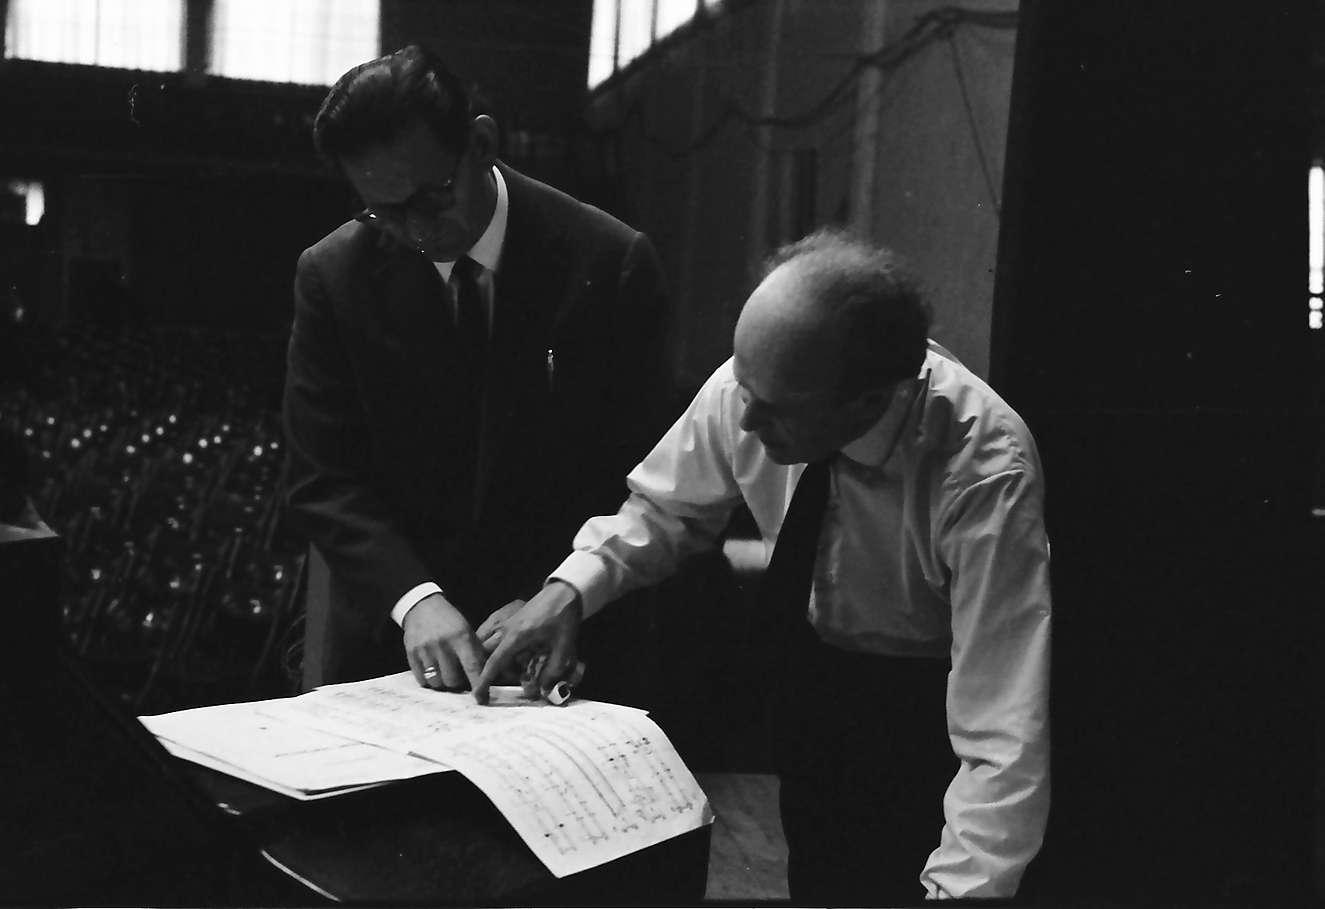 Donaueschingen: Donaueschinger Musiktage; Ernest Bour, Bild 1